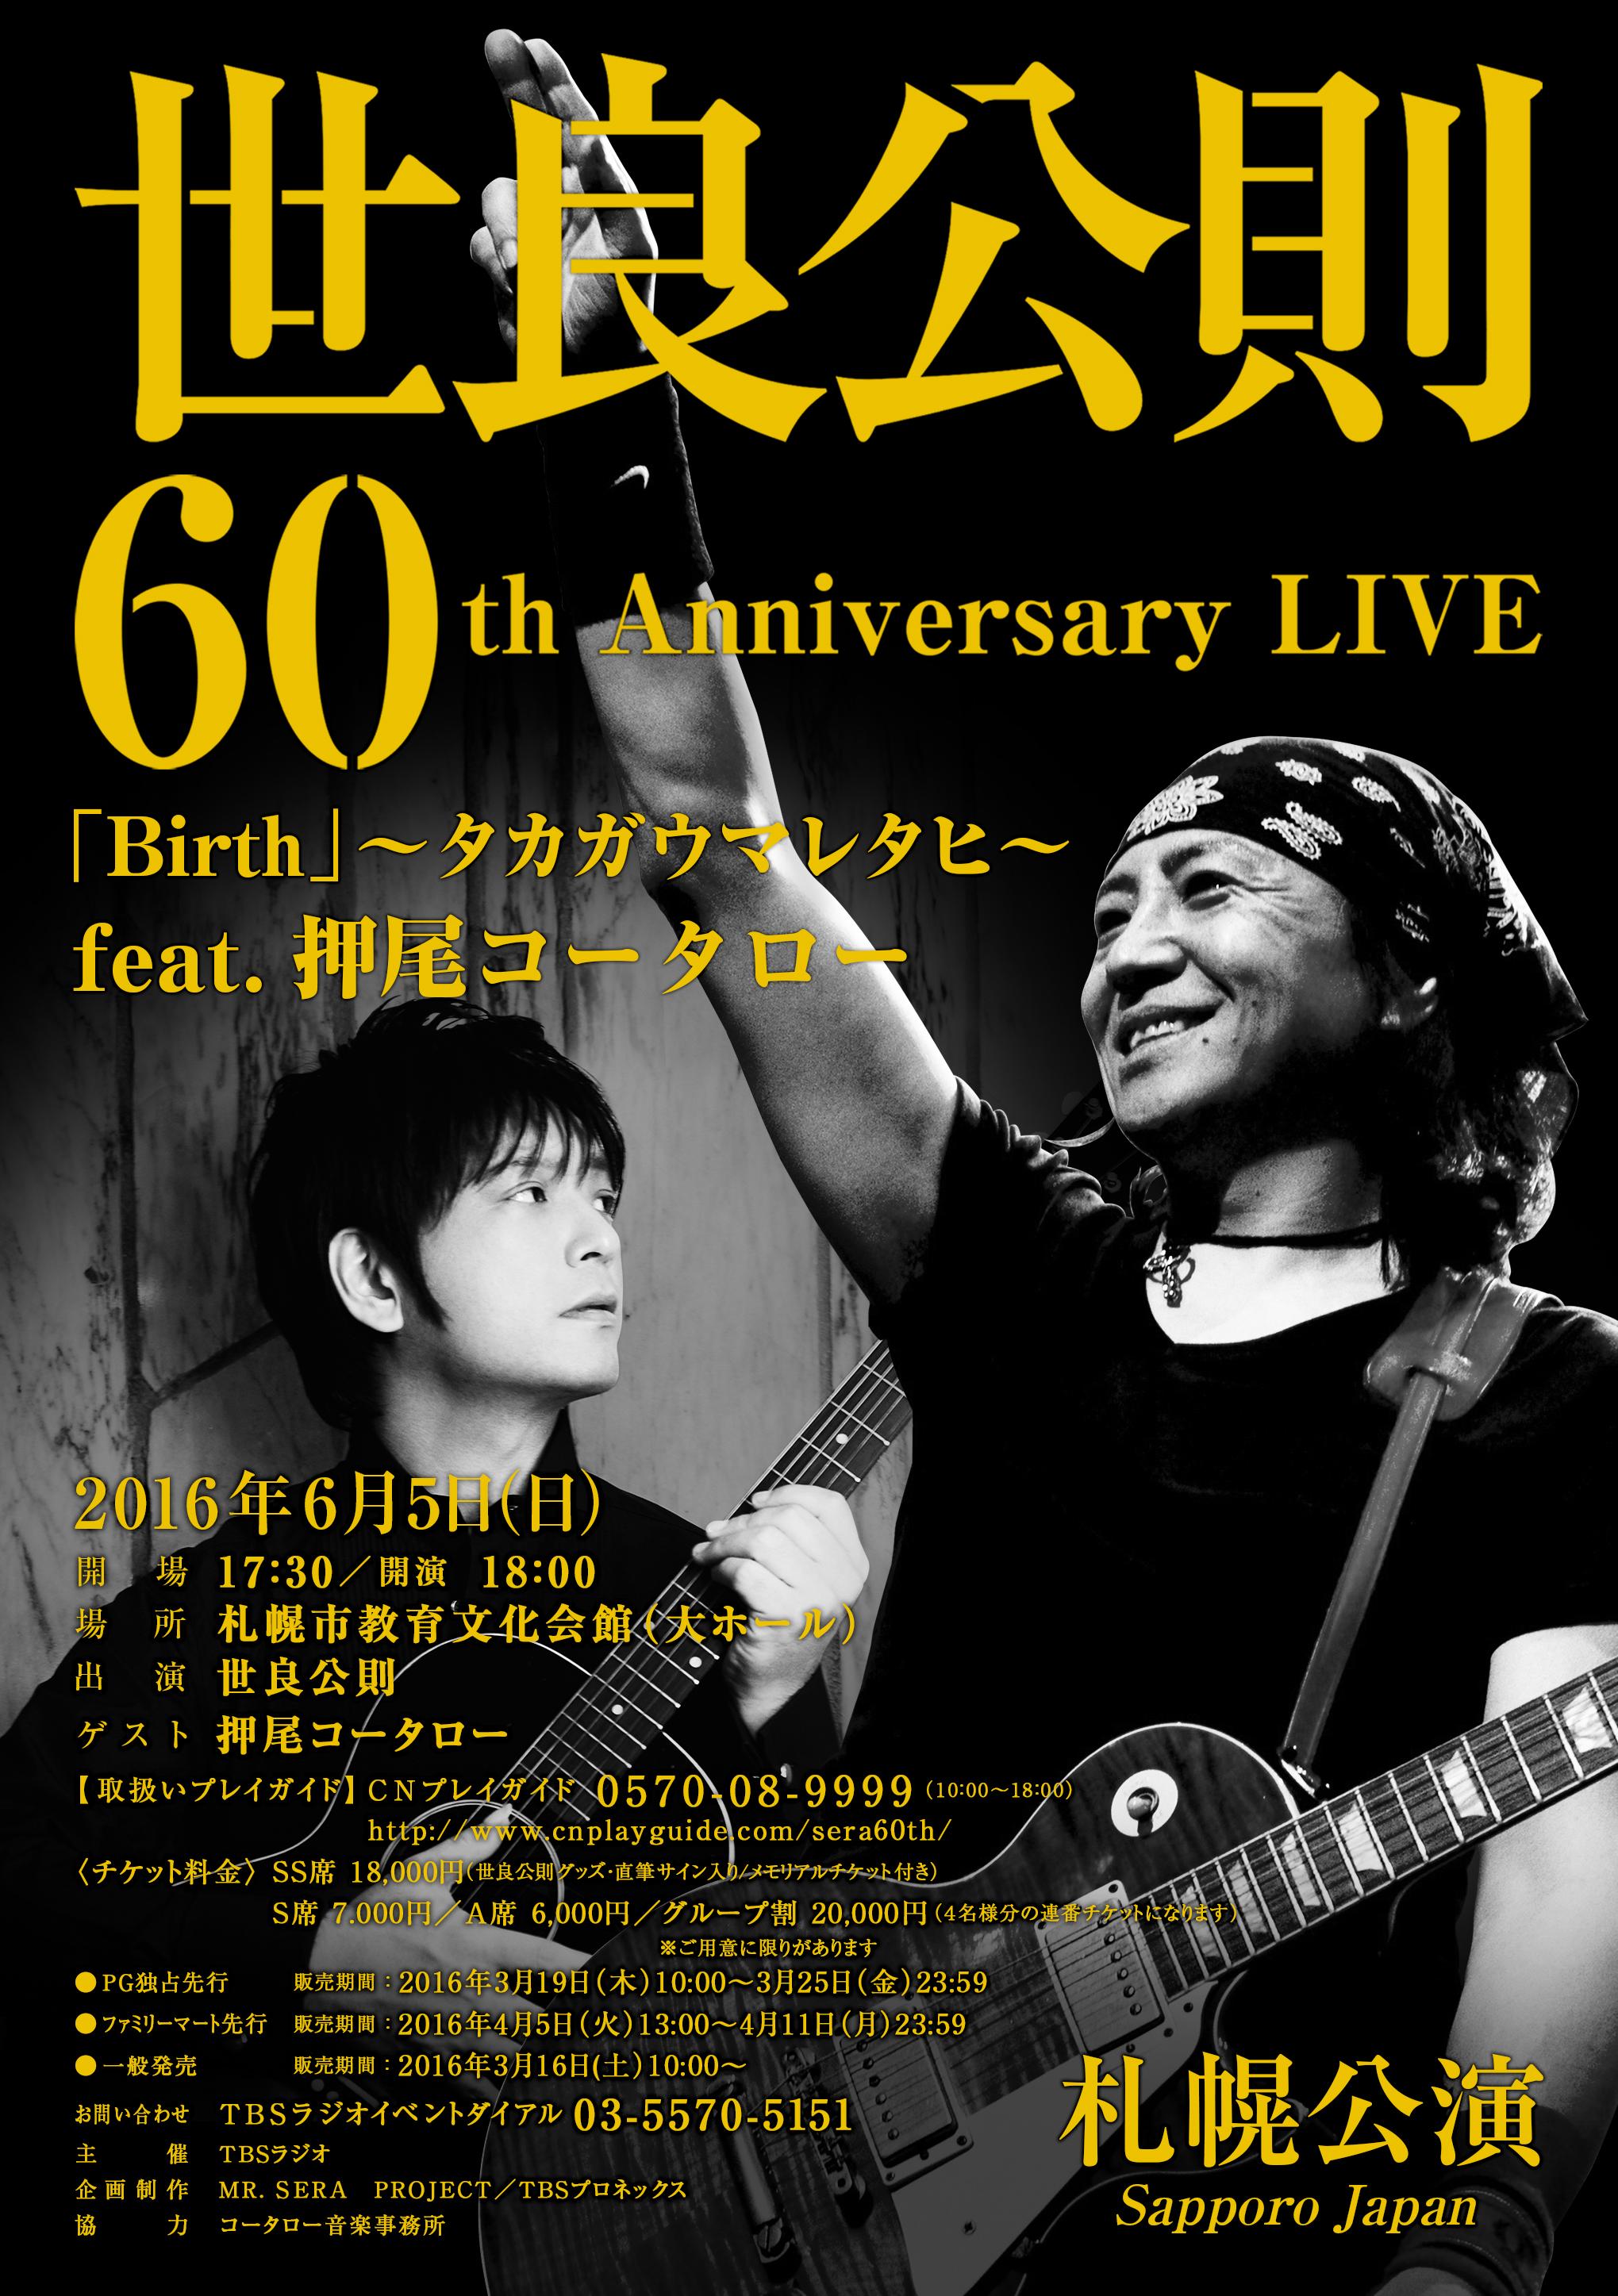 世良公則 60th Anniversary LIVE「Birth」~タカガウマレタヒ~feat.押尾コータロー札幌公演